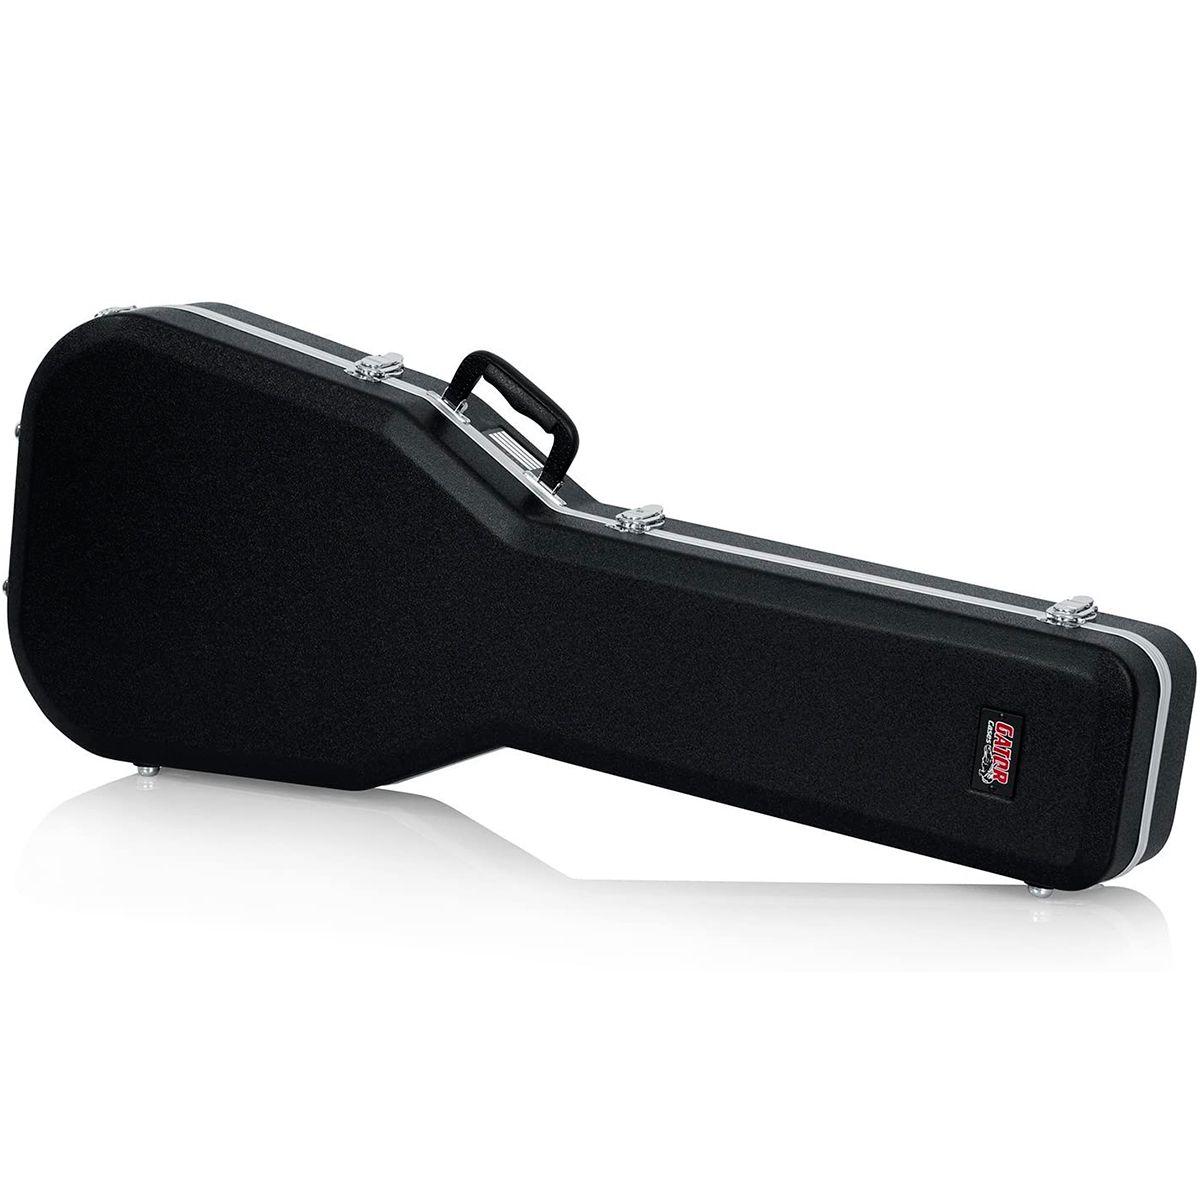 Case Gator GC-SG para Guitarra em ABS